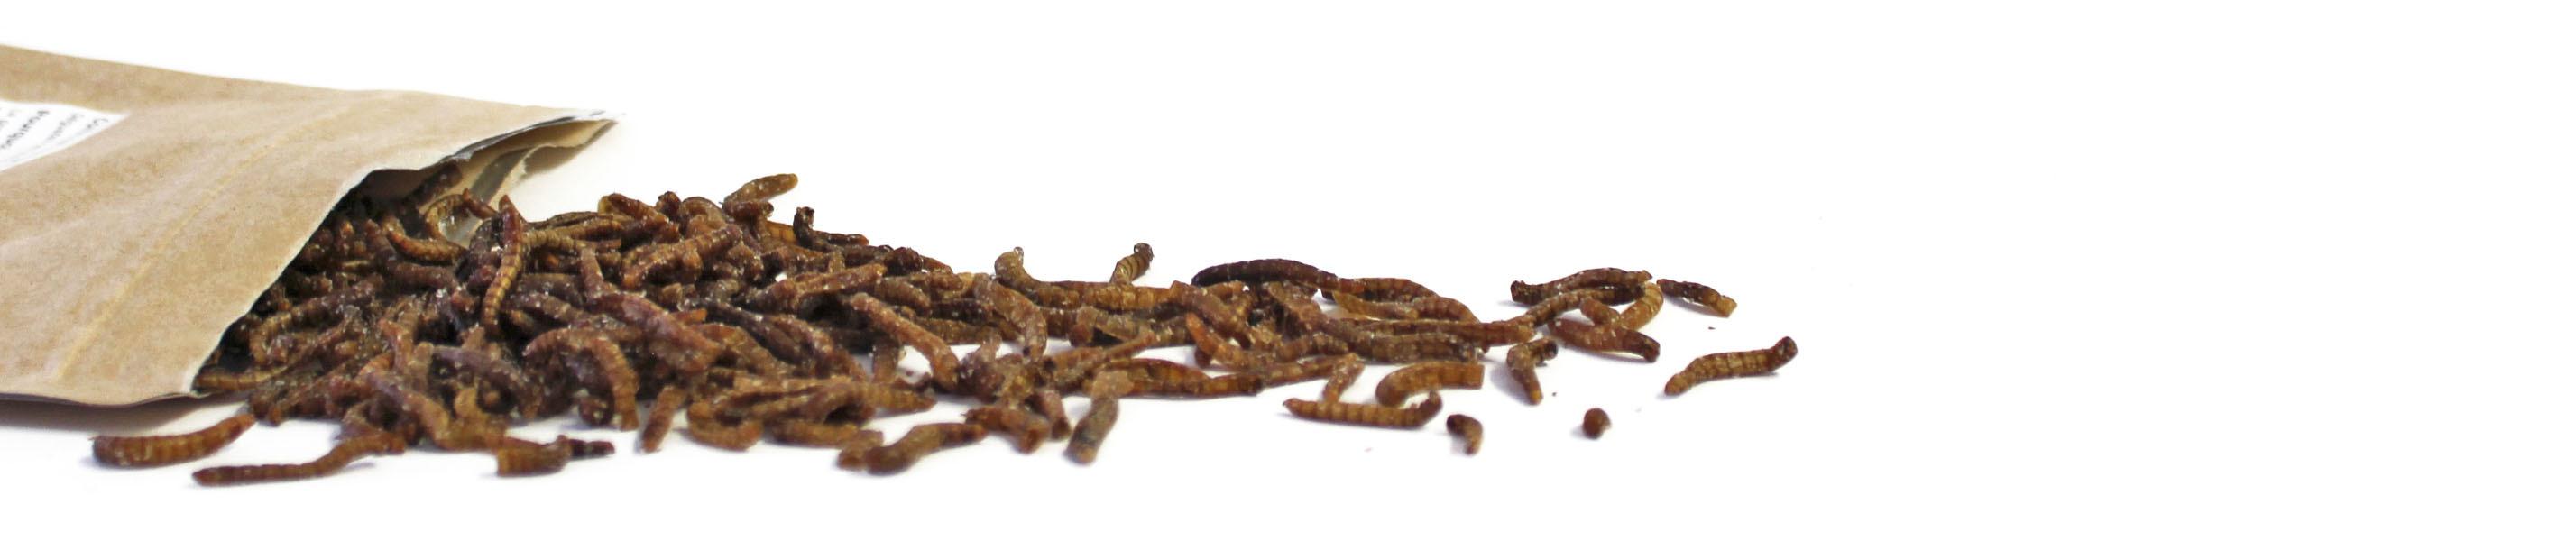 gew rzte essbare insekten als snack kaufen. Black Bedroom Furniture Sets. Home Design Ideas